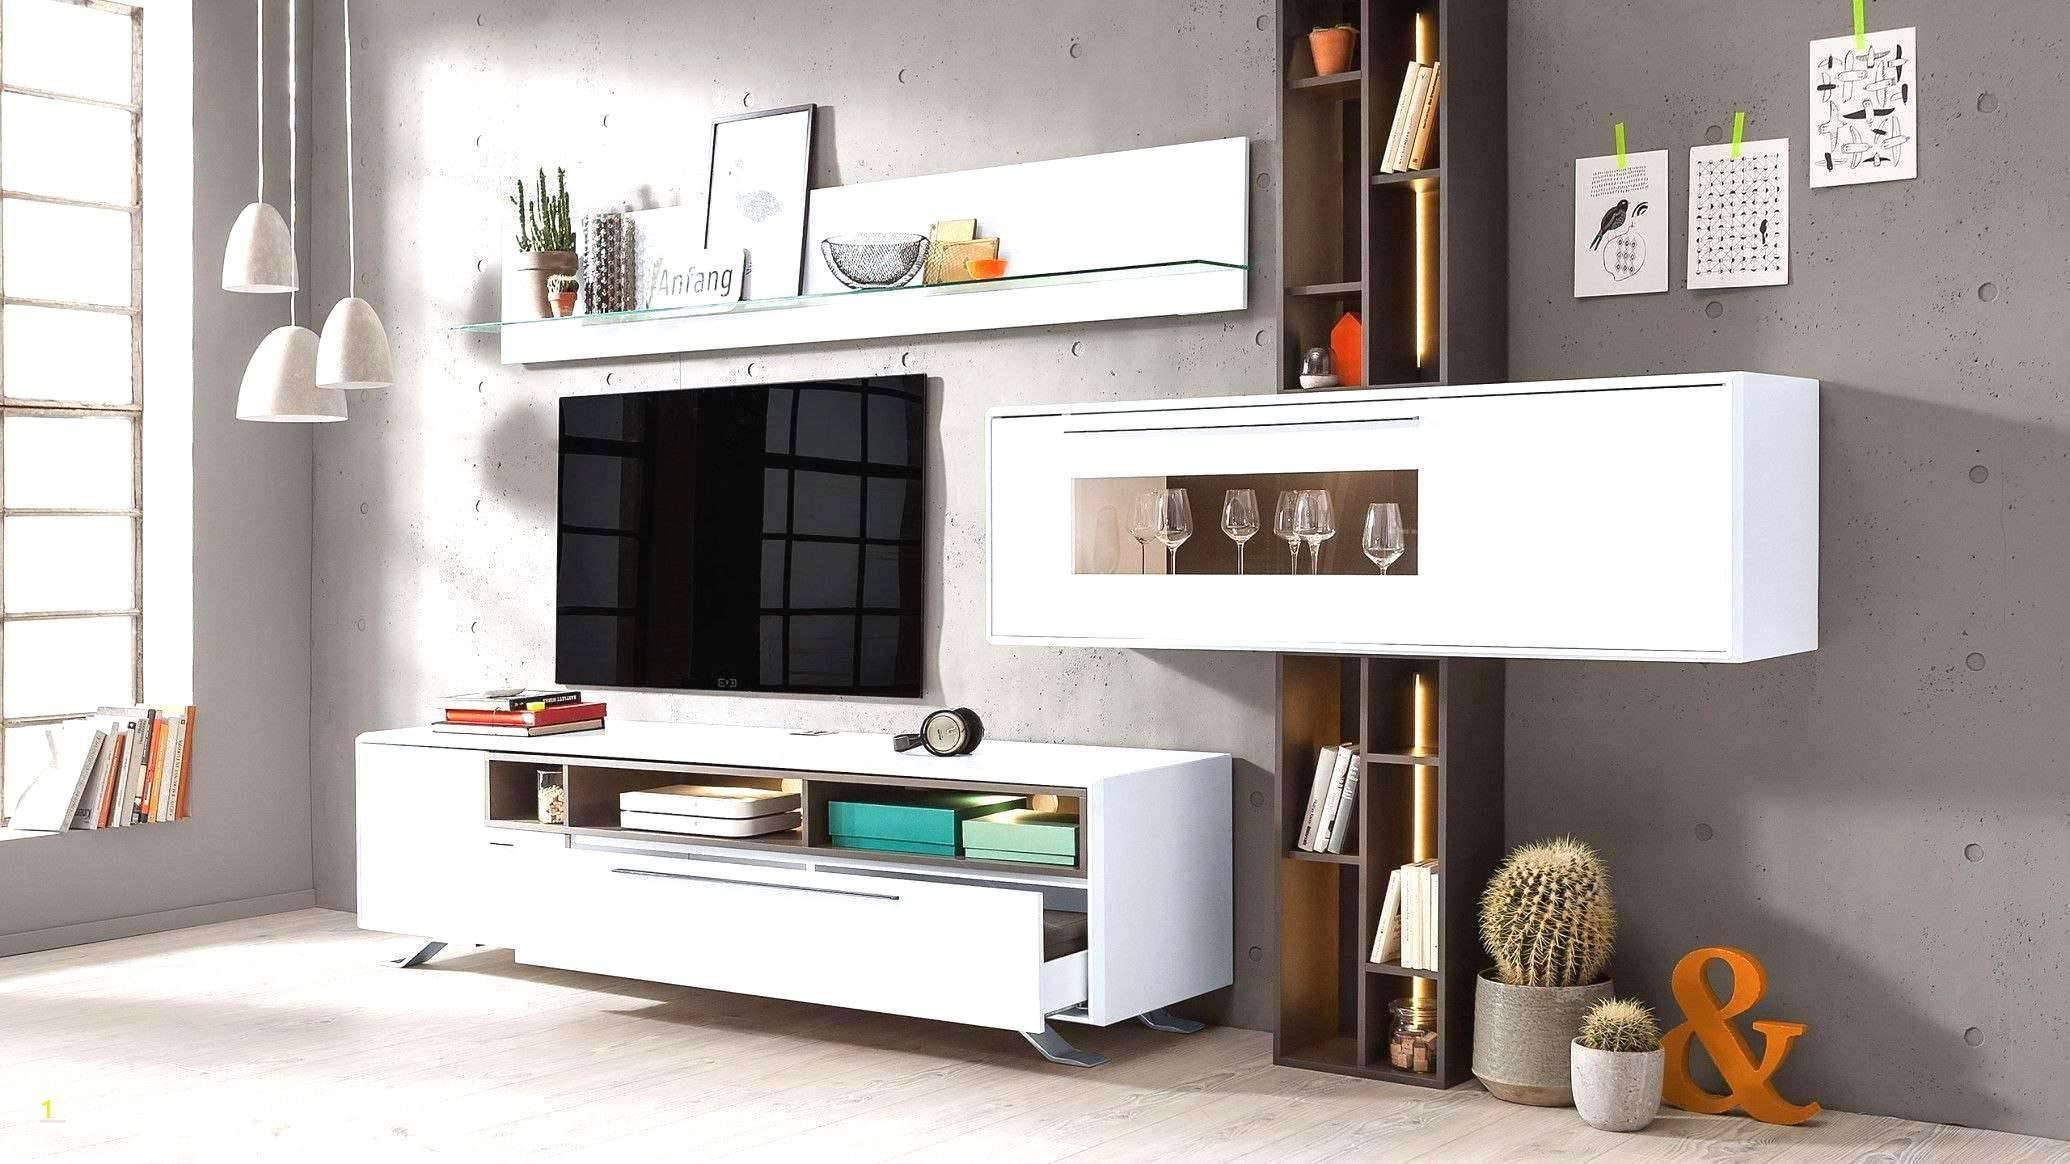 deko ideen selbermachen wohnzimmer fresh 45 frisch garten deko ideen foto of deko ideen selbermachen wohnzimmer